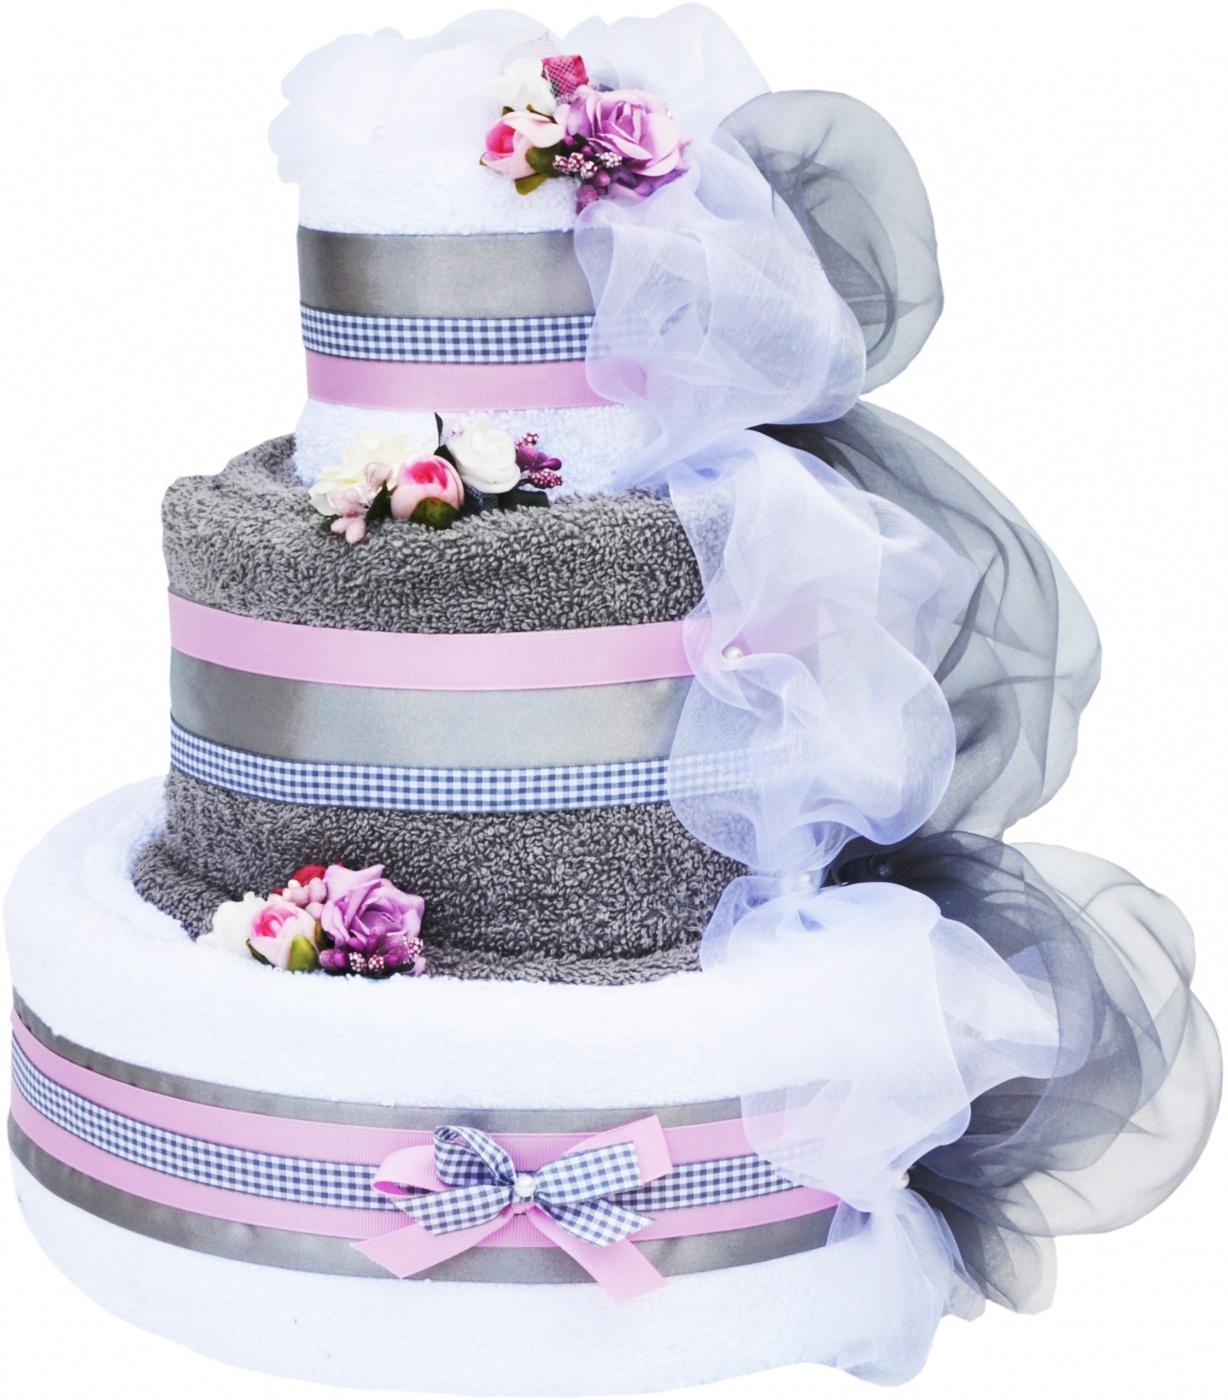 Niesamowite Duży tort 6 dużych ręczników - elegancki prezent na rocznicę ślubu UD12